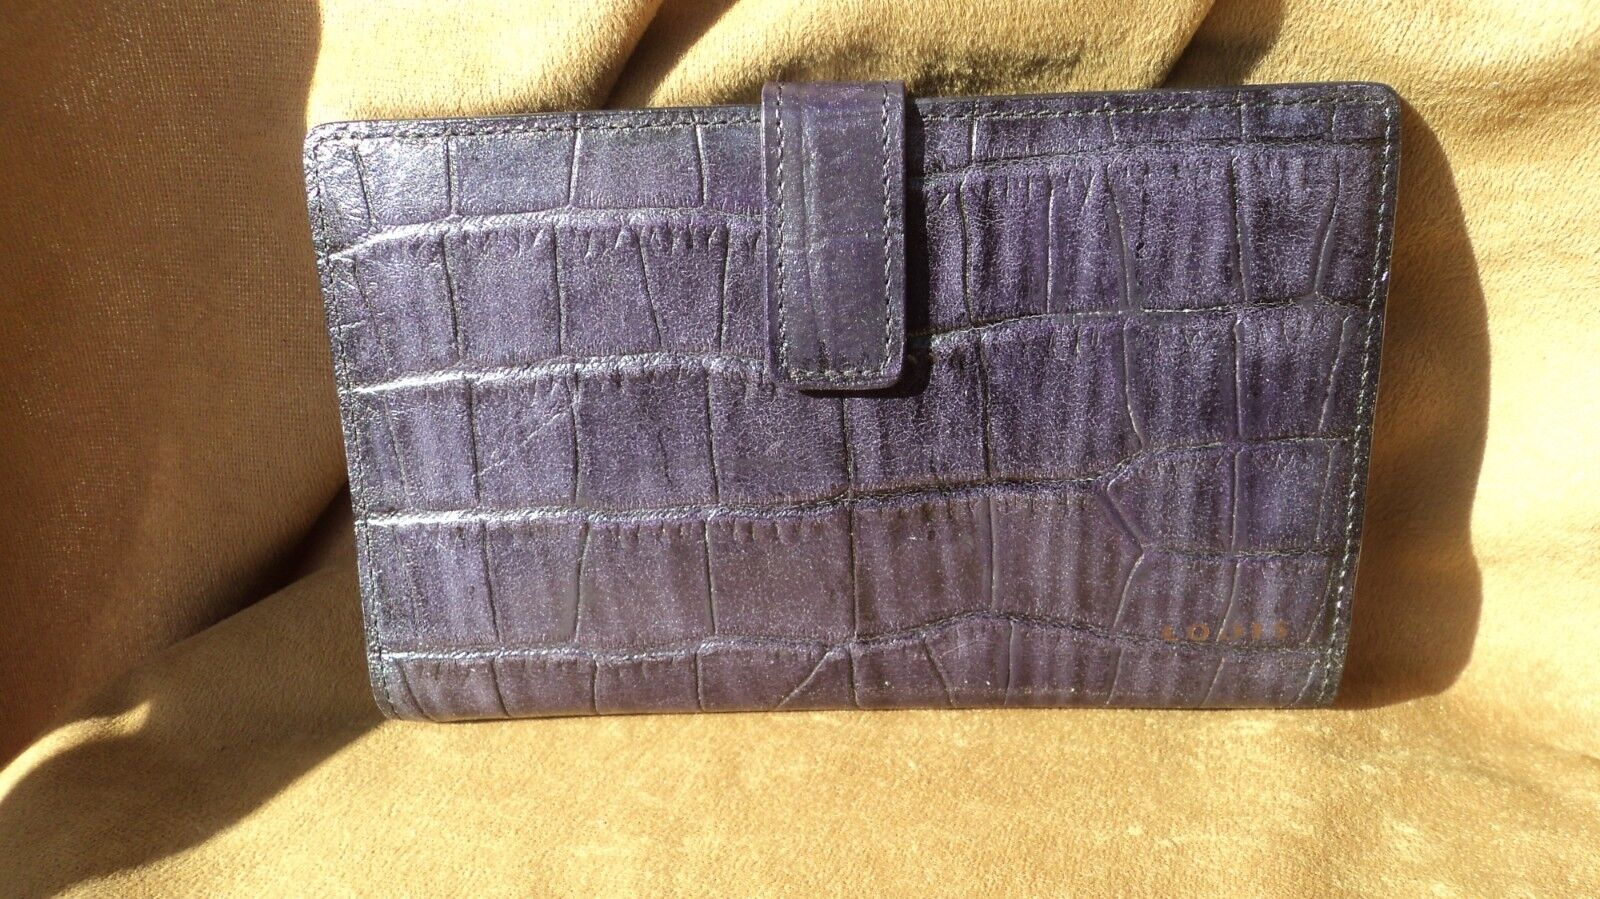 Lodis 345SH Blue Alligator Grain Leather Women's Wallet